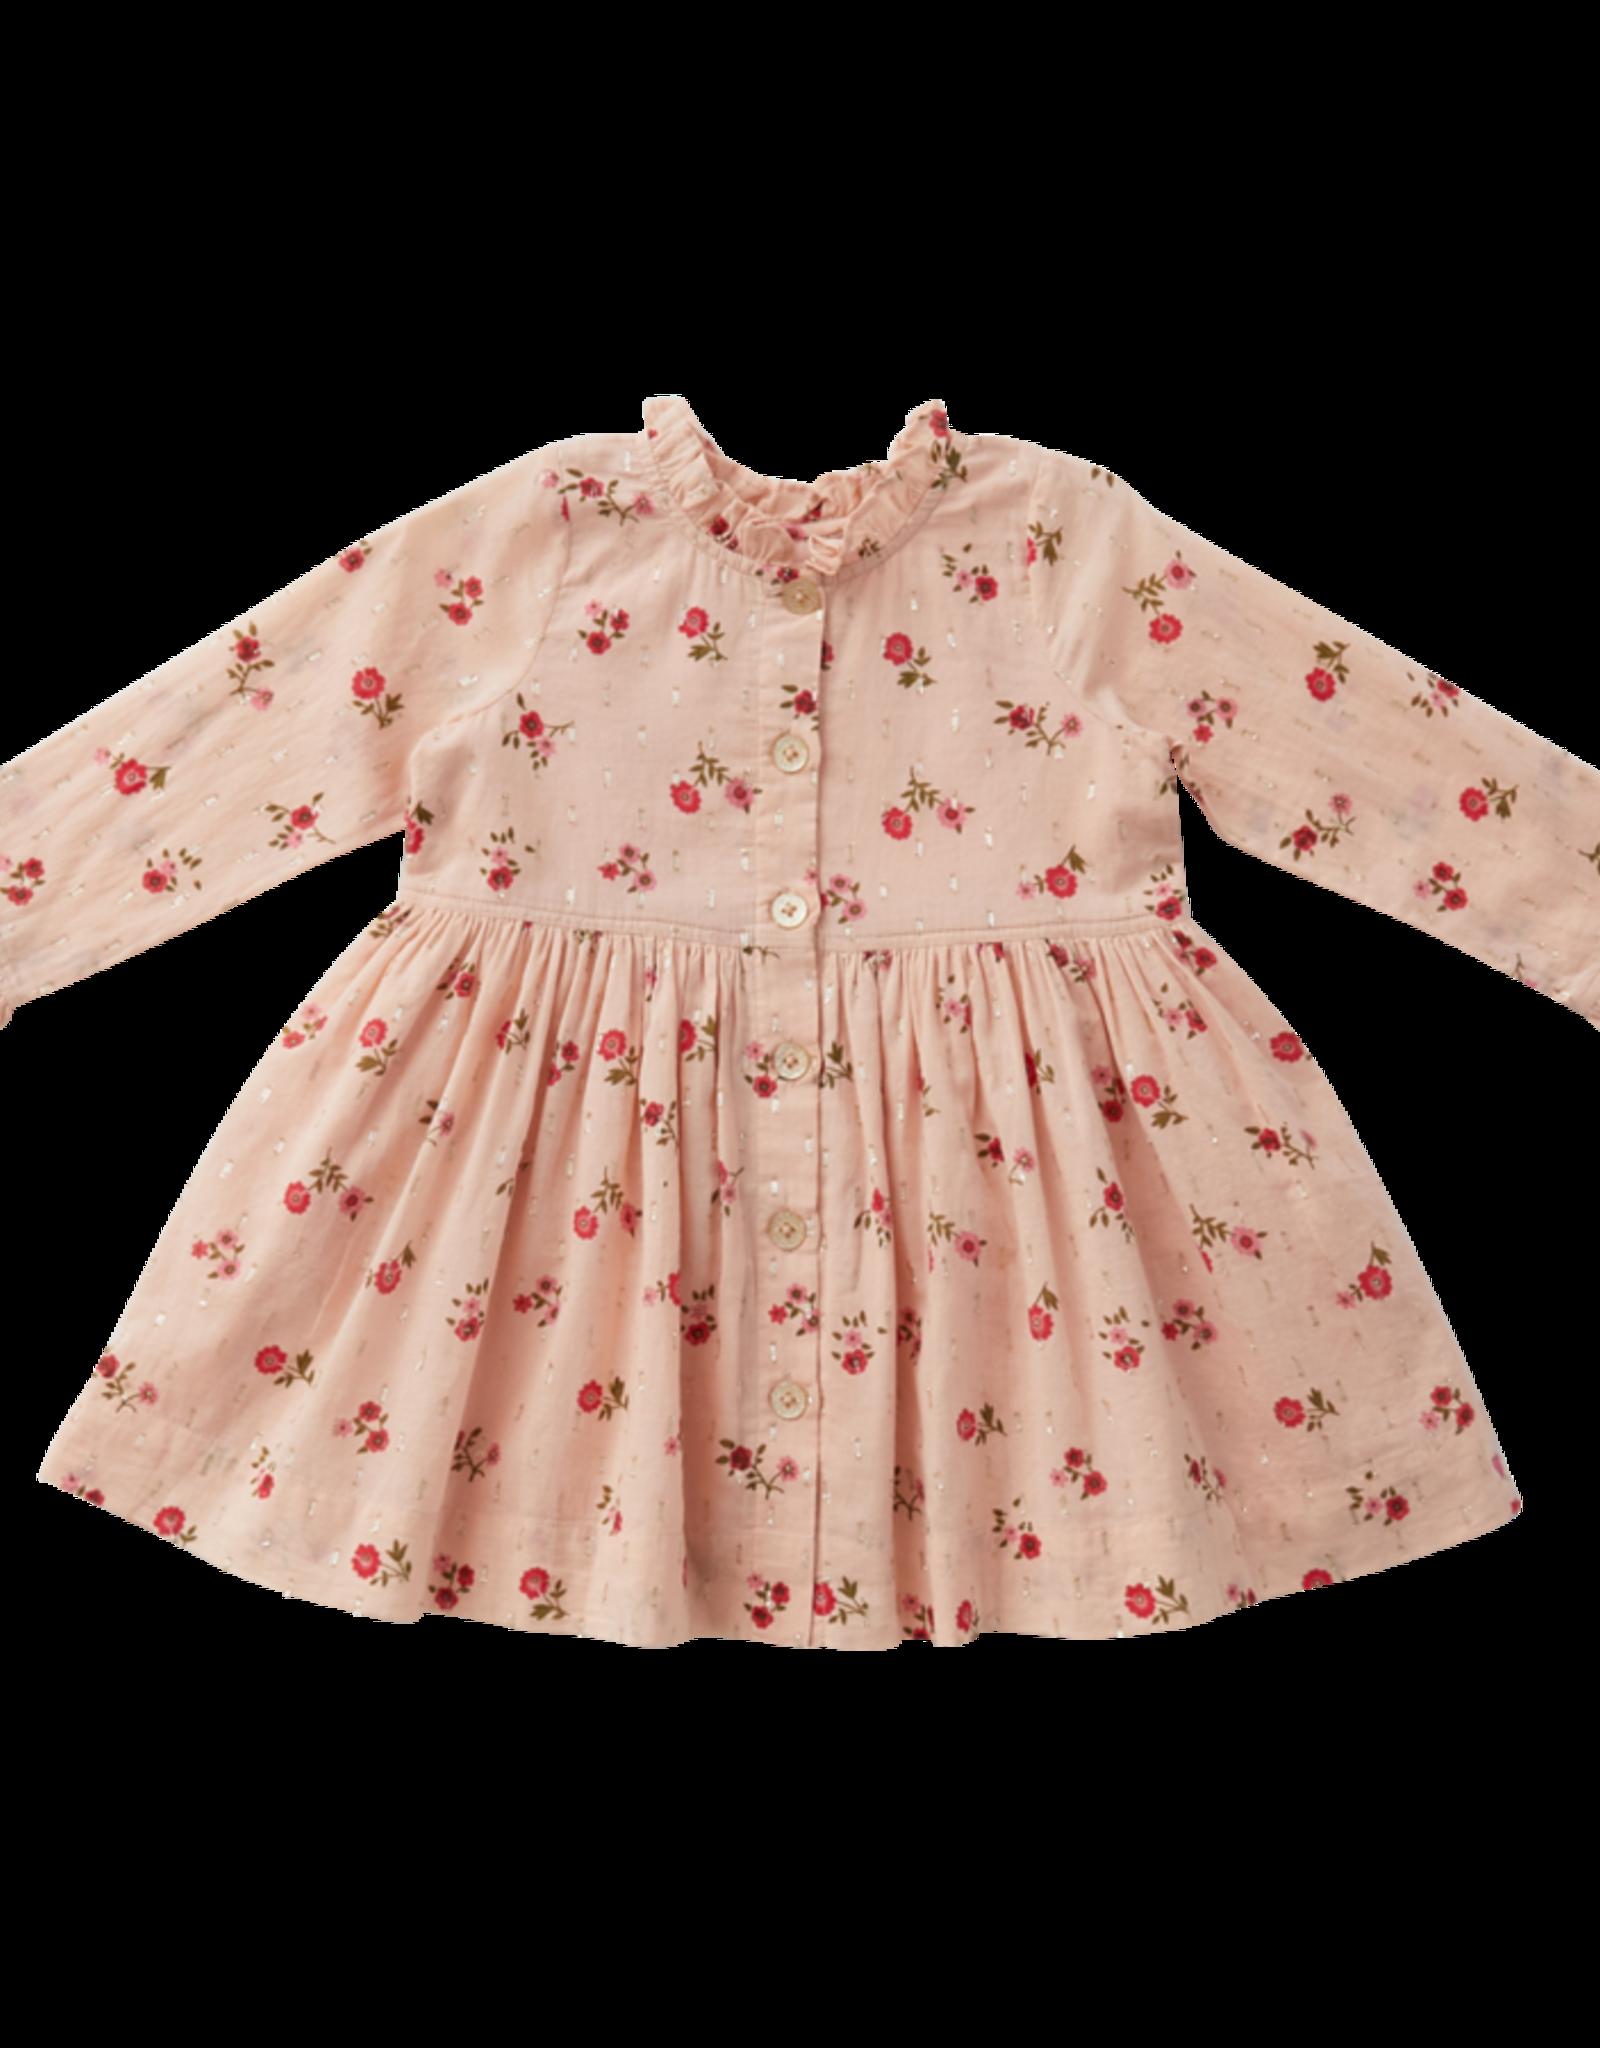 Pink Chicken Autumn Dress, Lurex Wallpaper Floral